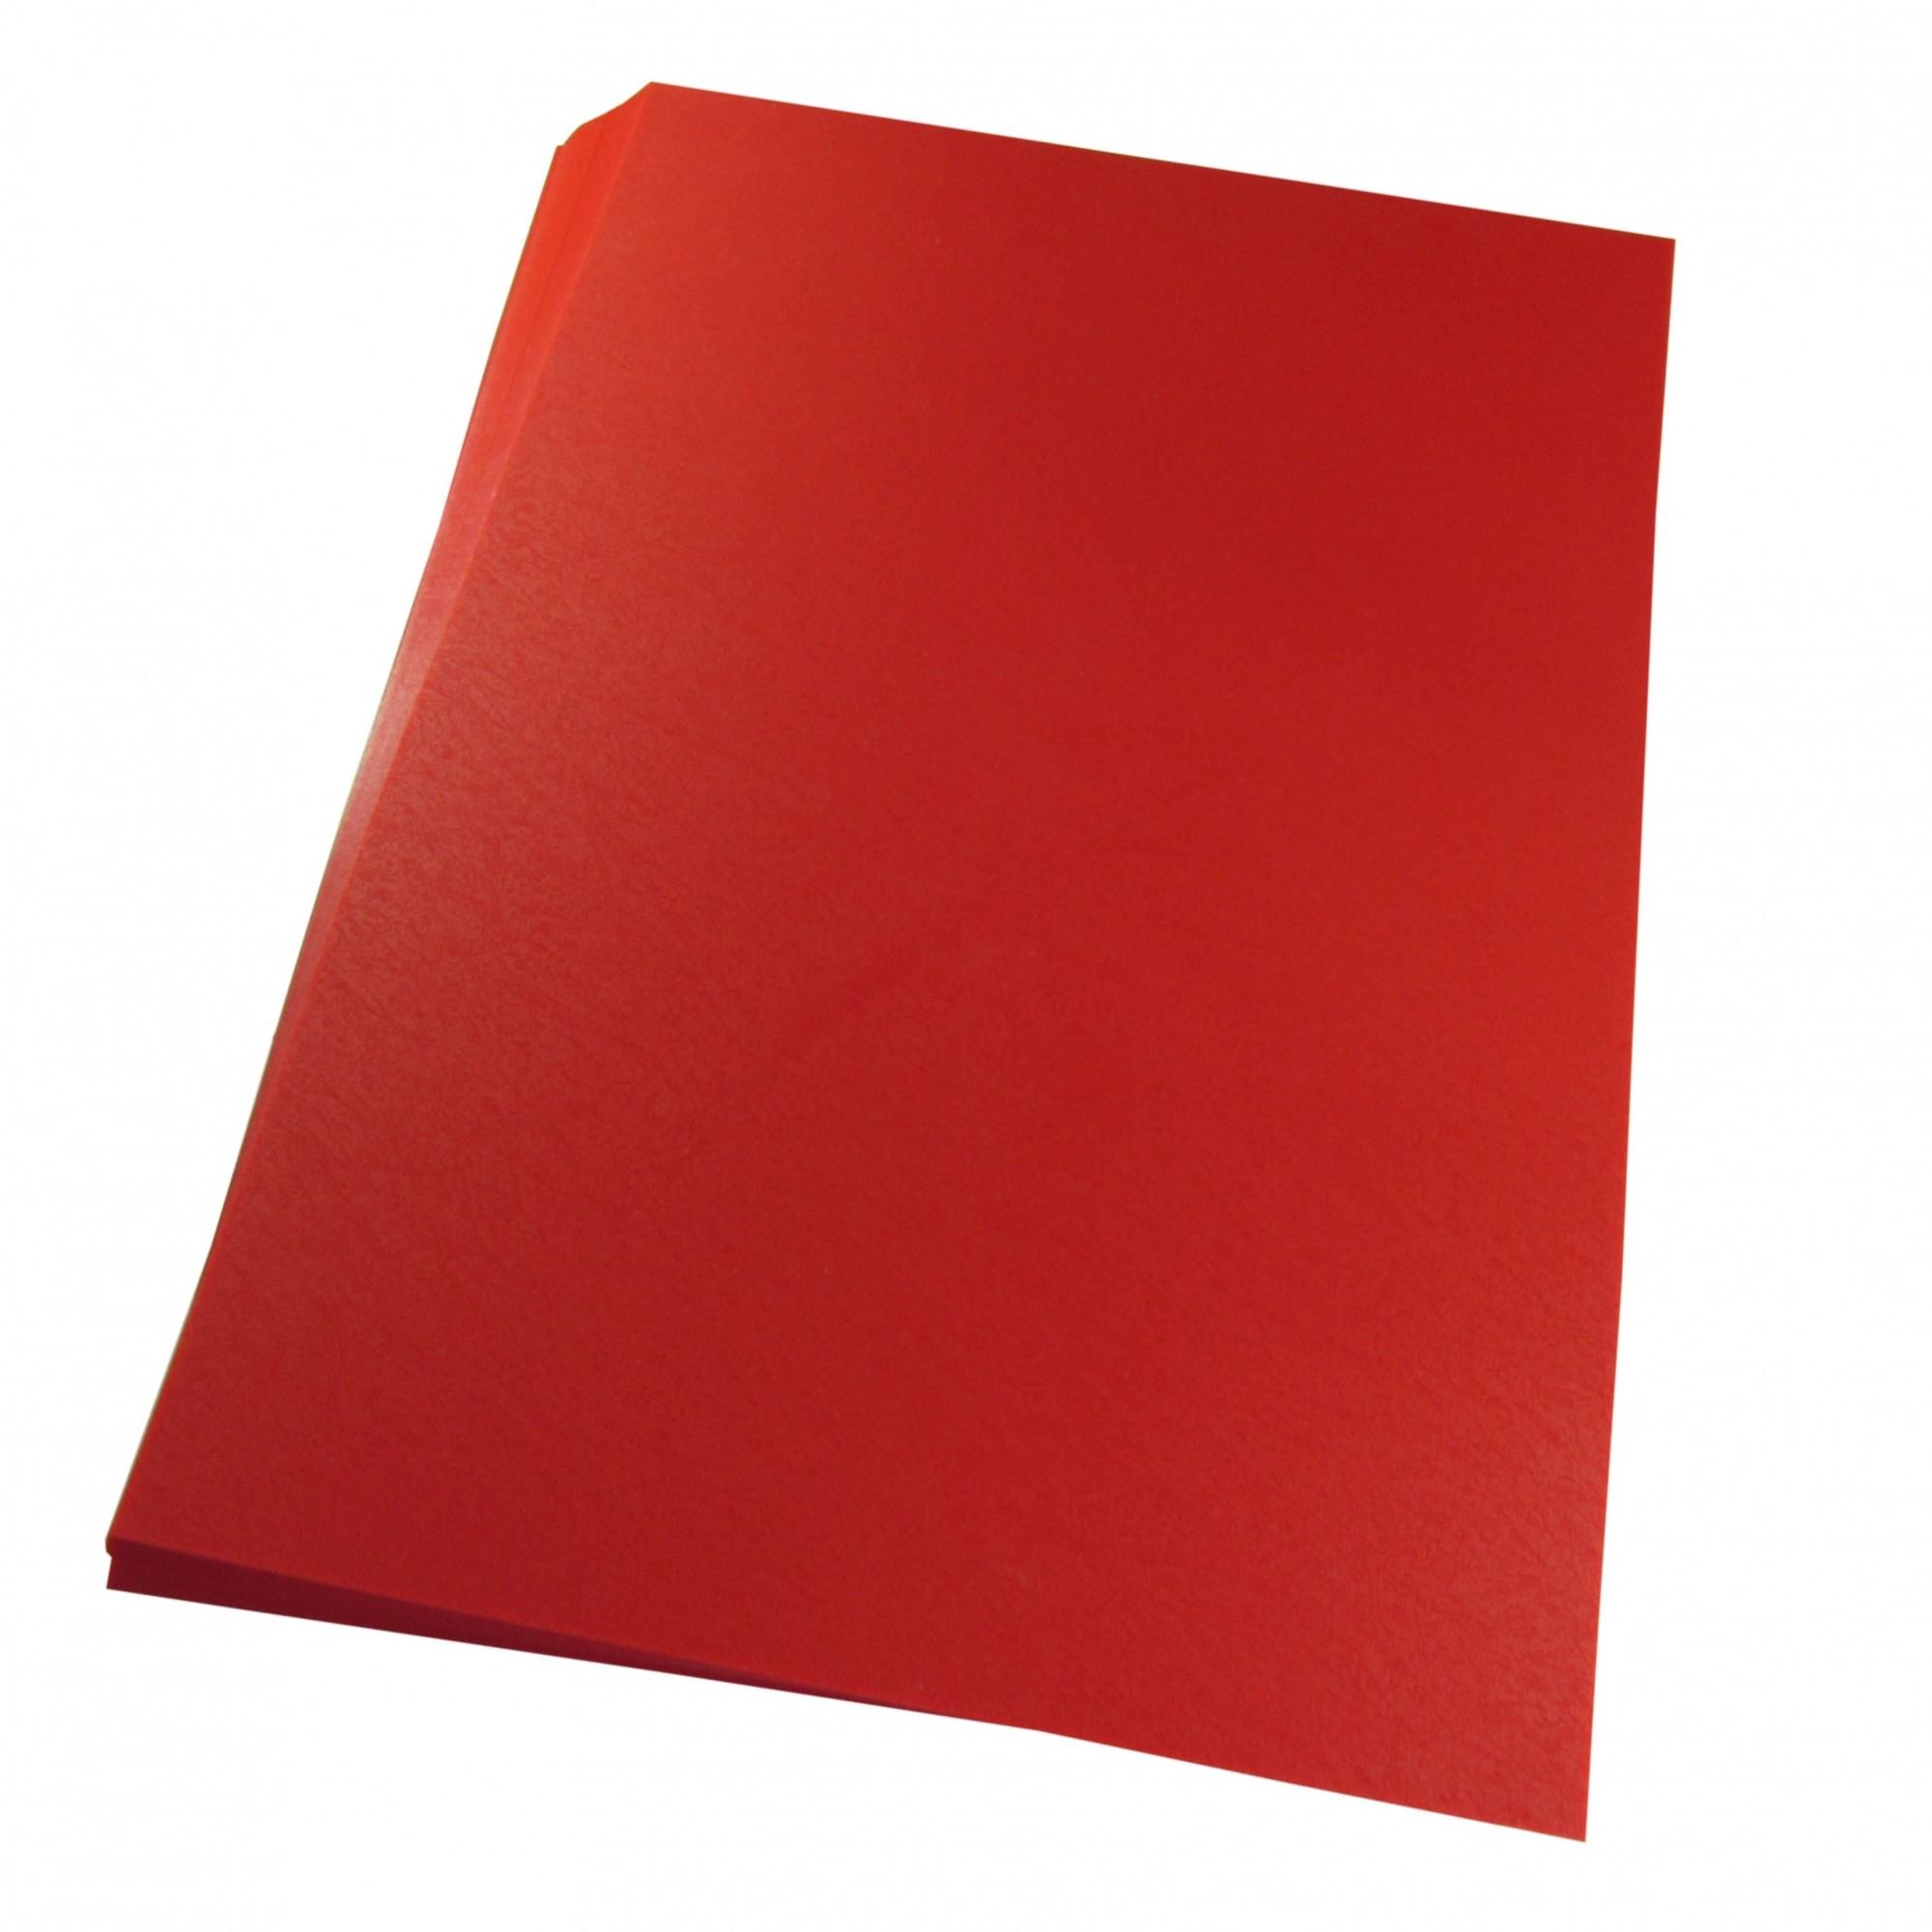 Capa para Encadernação A3 Vermelho Couro Fundo PP 0,30 10un